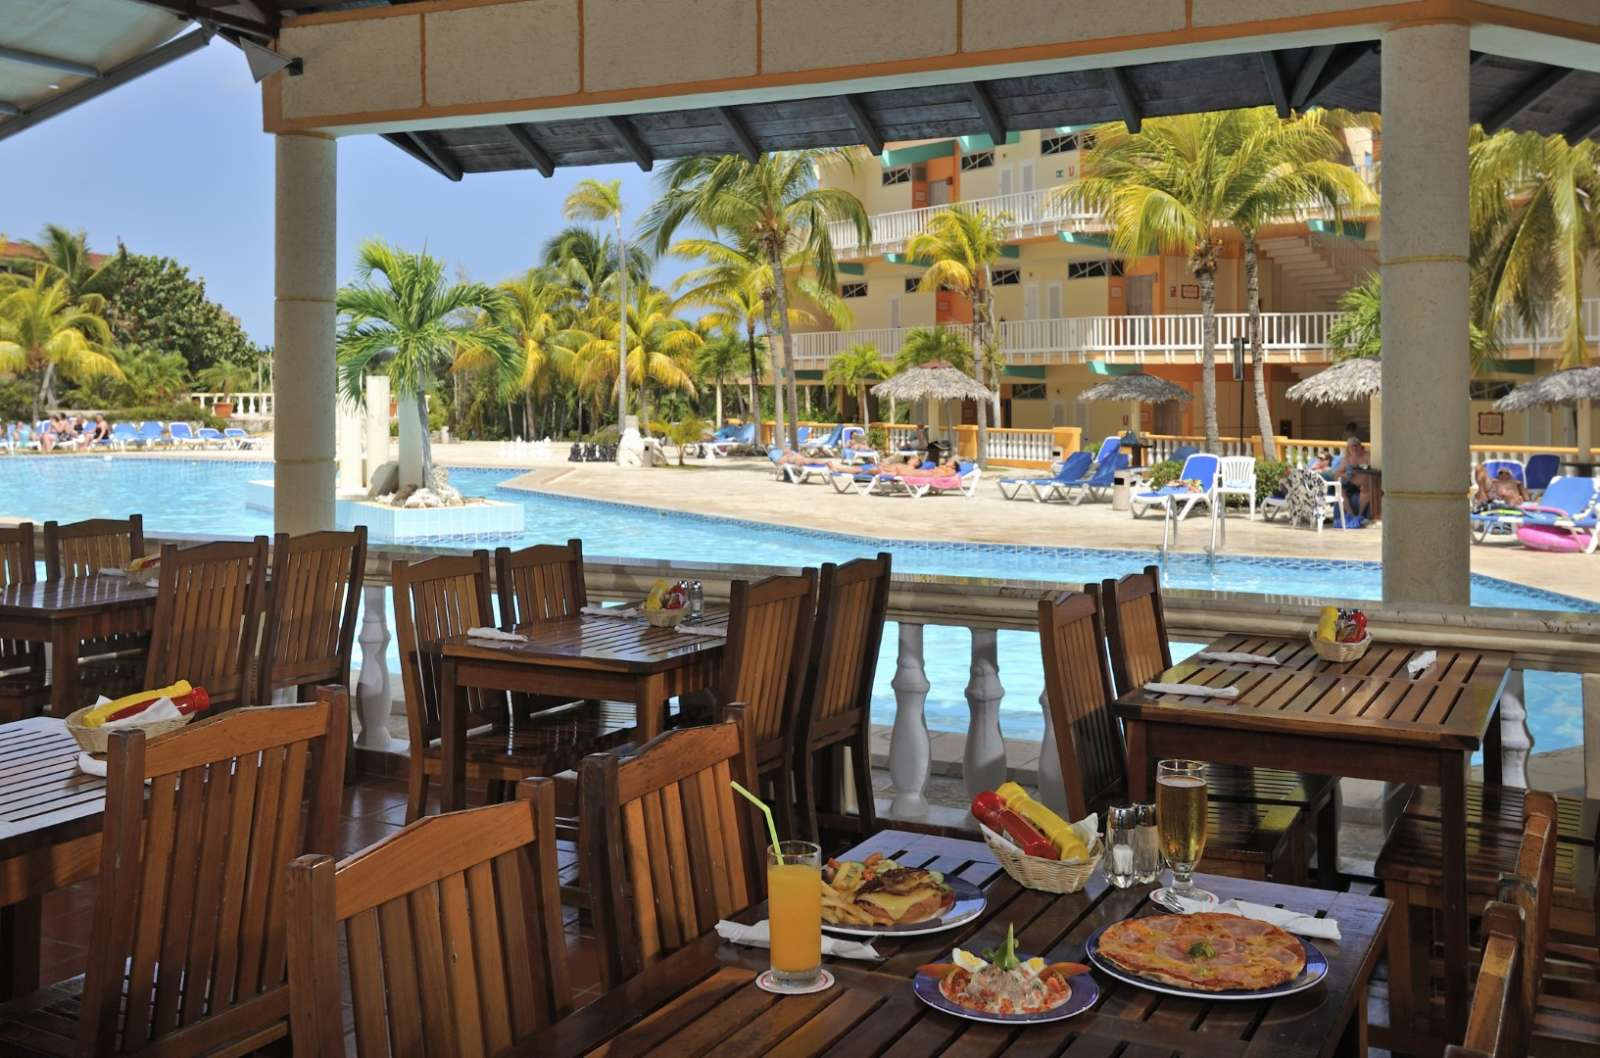 Poolside restaurant at Sol Rio De Luna Y Mares